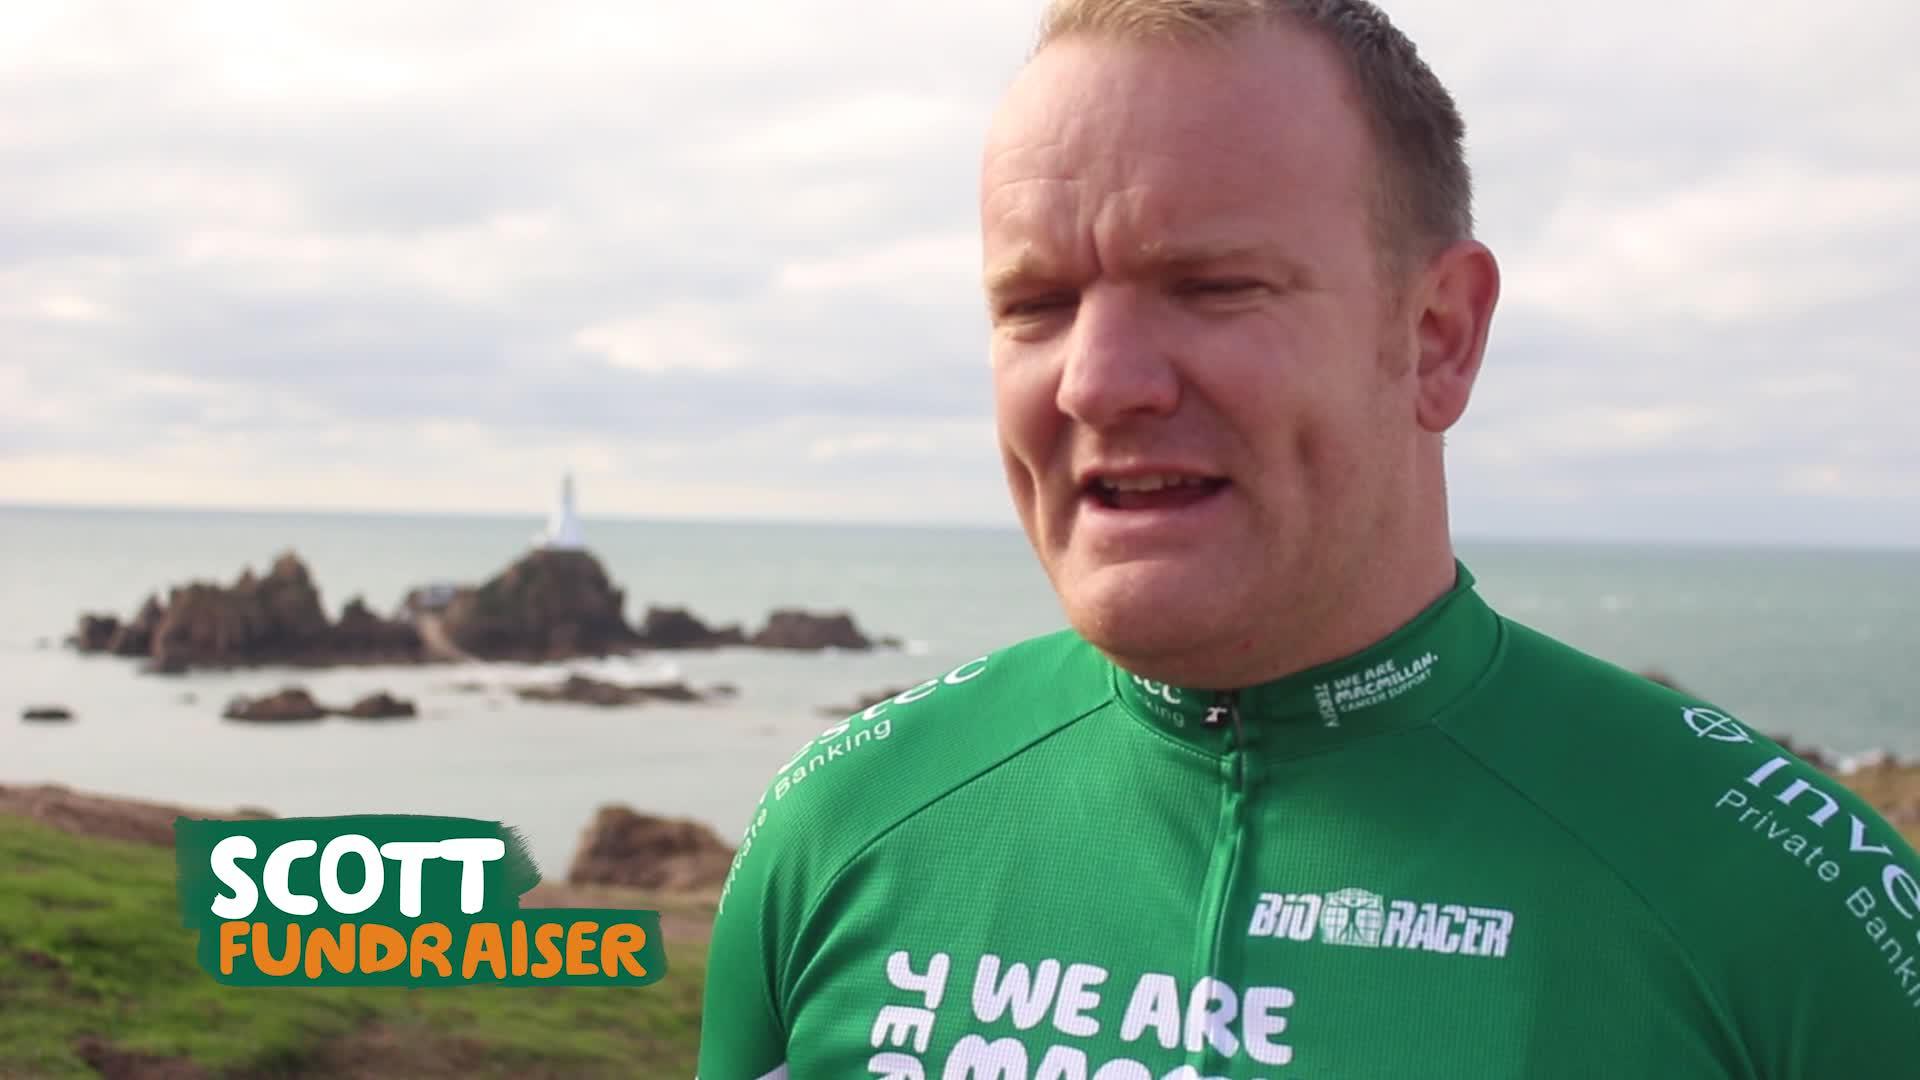 Macmillan - Fundraising video